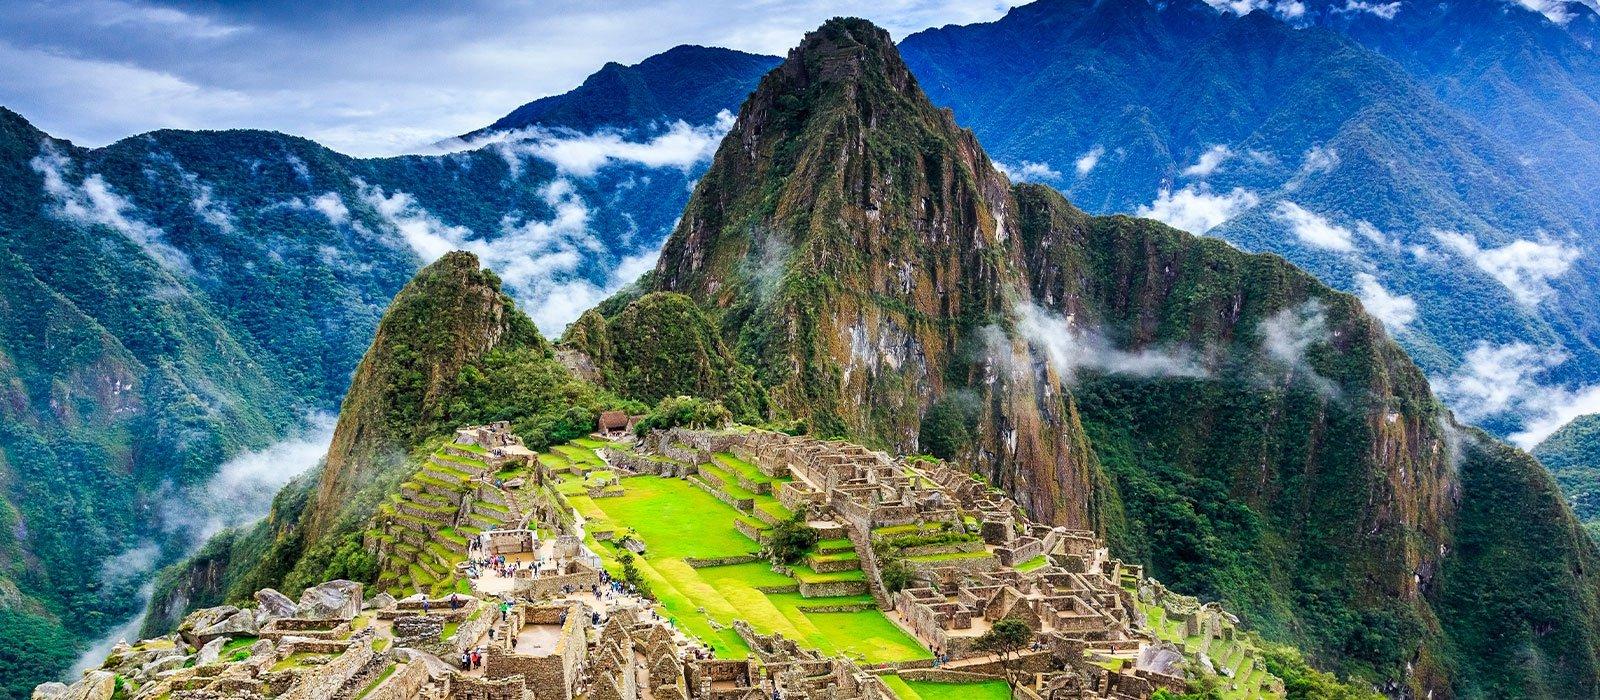 Inca Trail Express to Machu Picchu